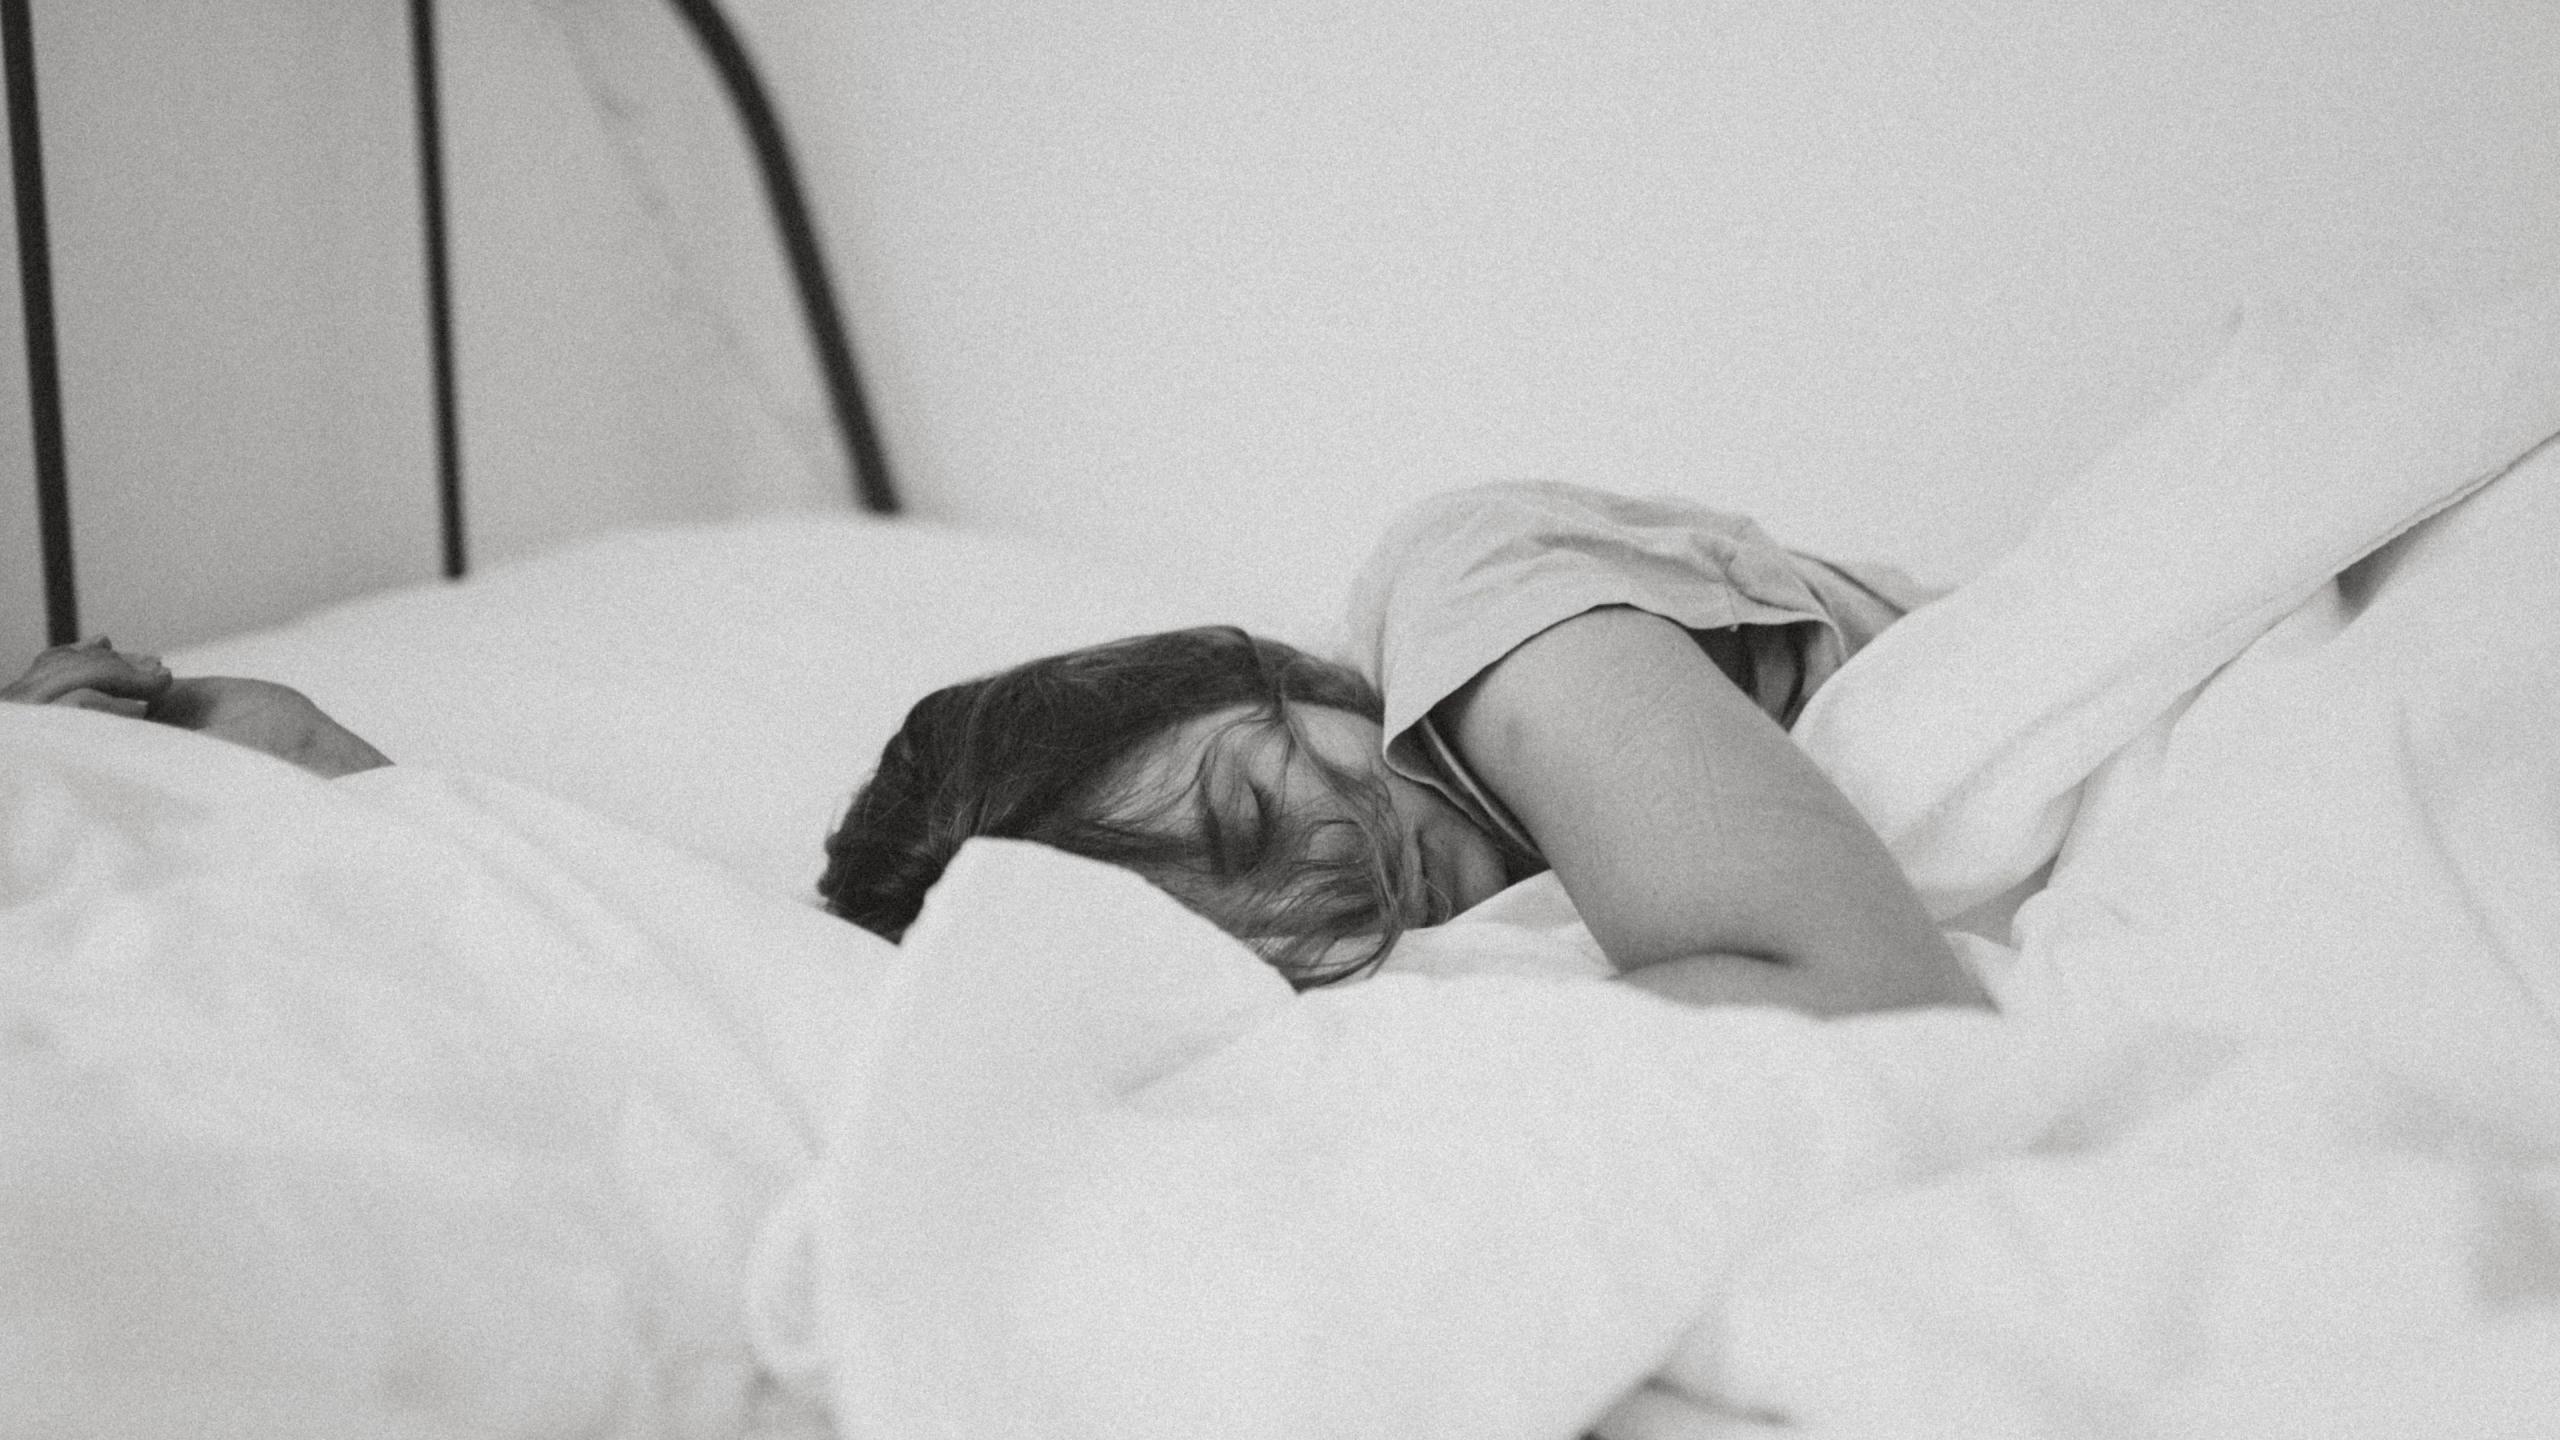 У пациентов с тяжелым расстройством сознания могут отсутствовать целые стадии сна